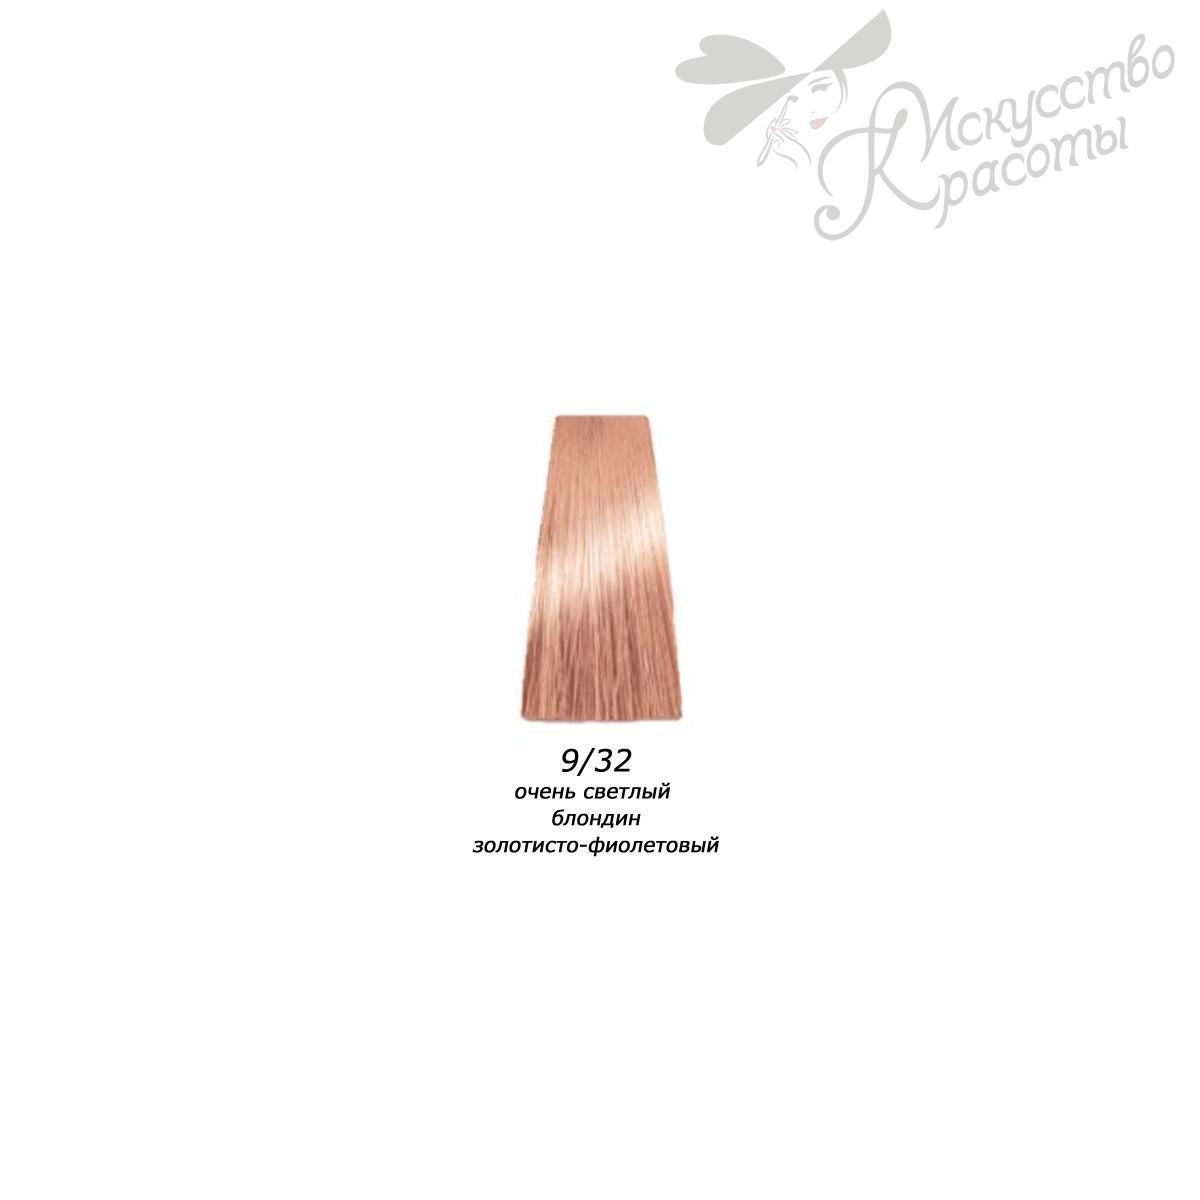 Краска для волос 9.32 очень светлый блондин золотисто-фиолетовый Mirella